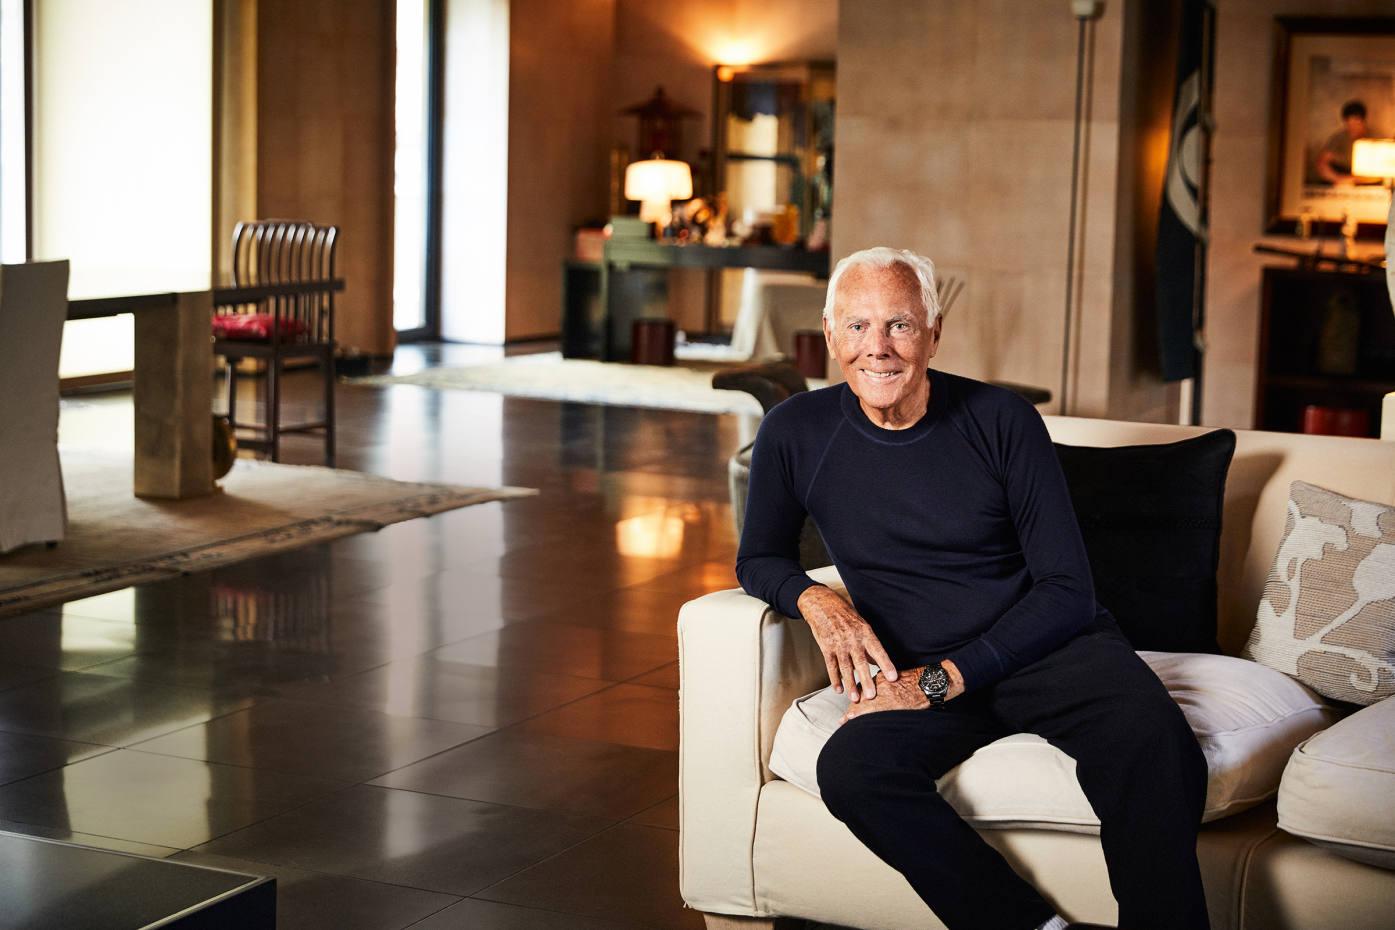 11個全球知名品牌的「天才金頭腦」 Tom Ford帥到可以當模特兒!